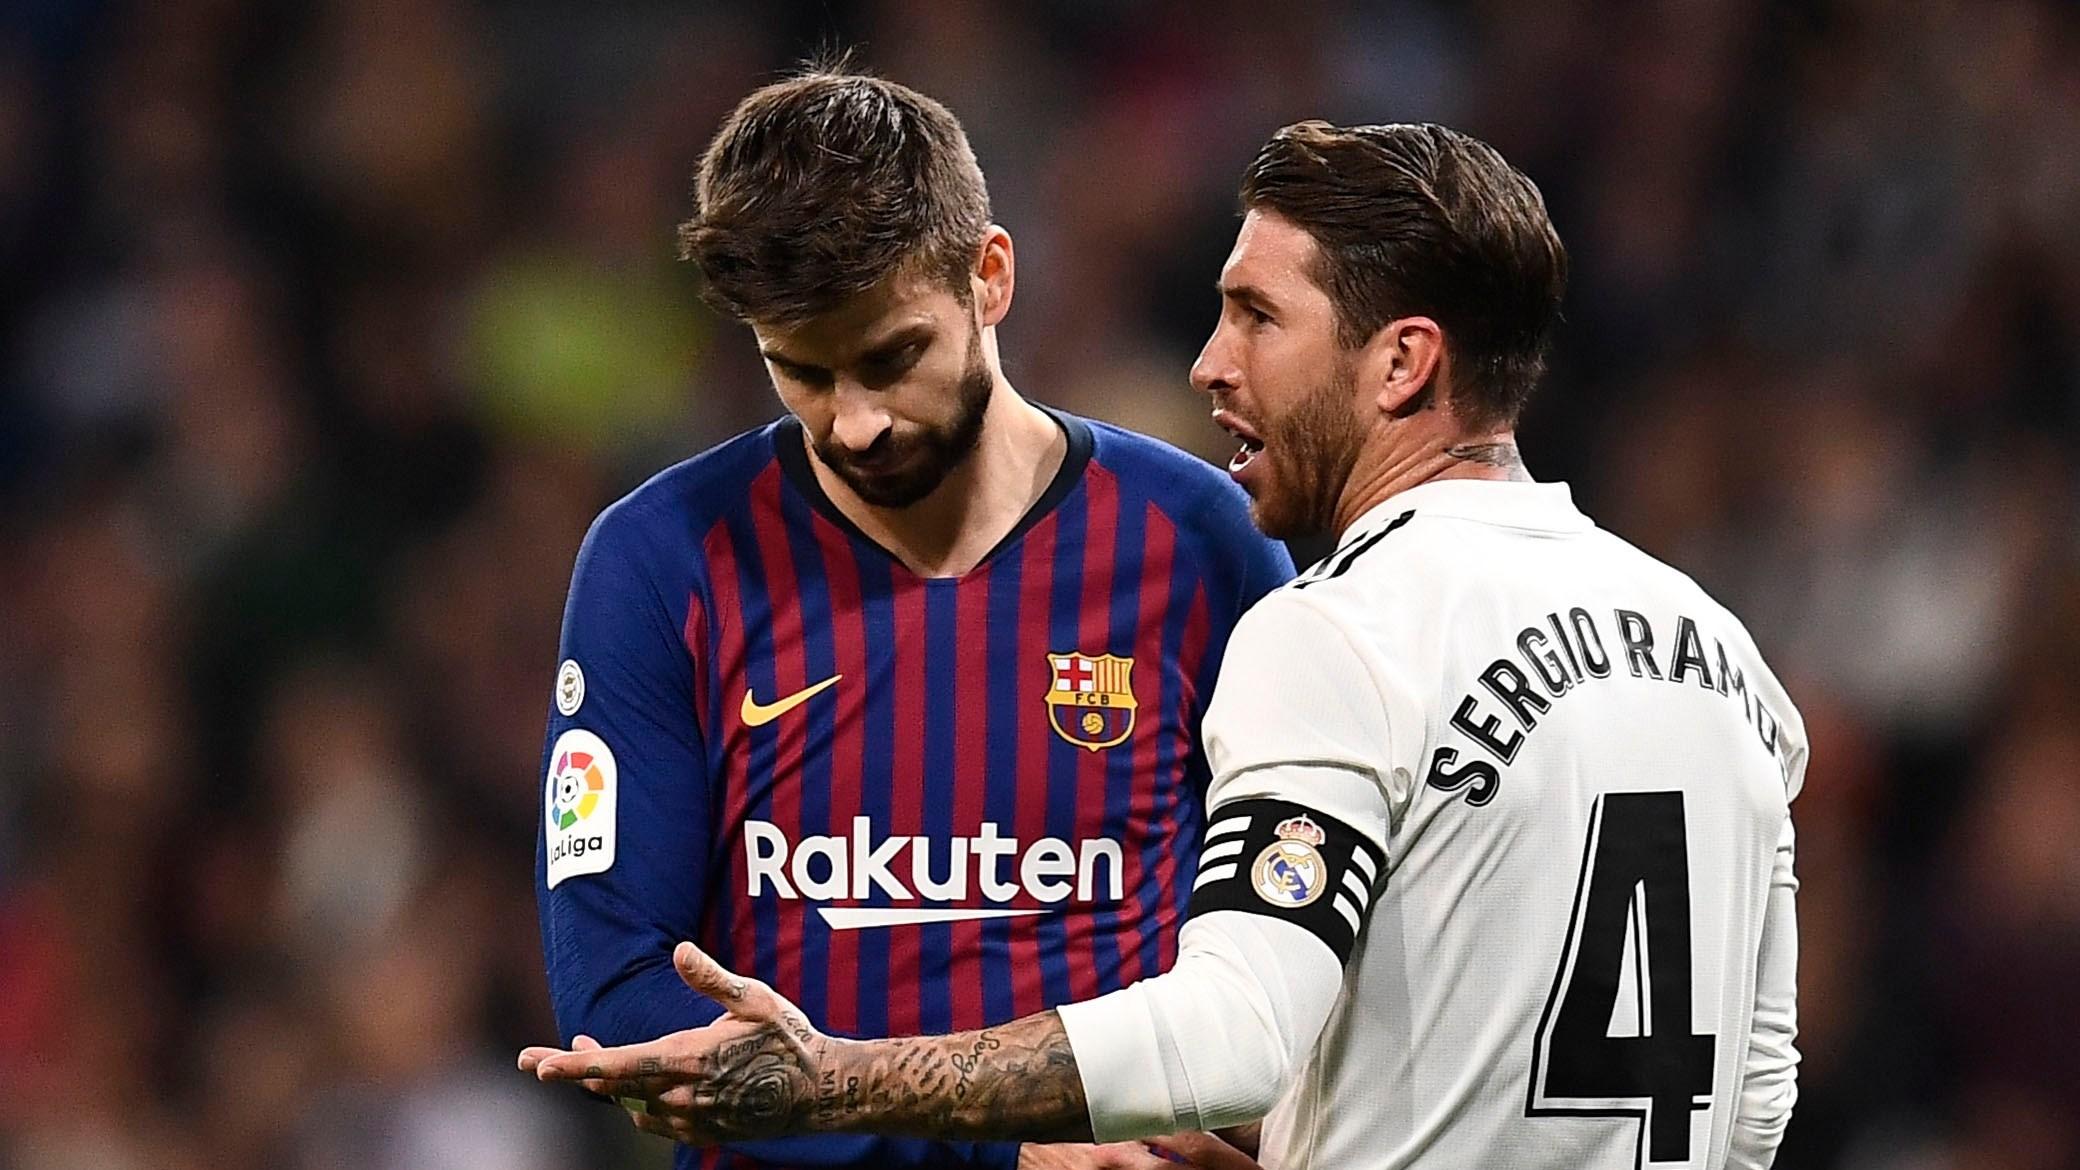 الاتحاد الإسباني يحدد المتأهلين إلى دوري الأبطال في حال الإلغاء!